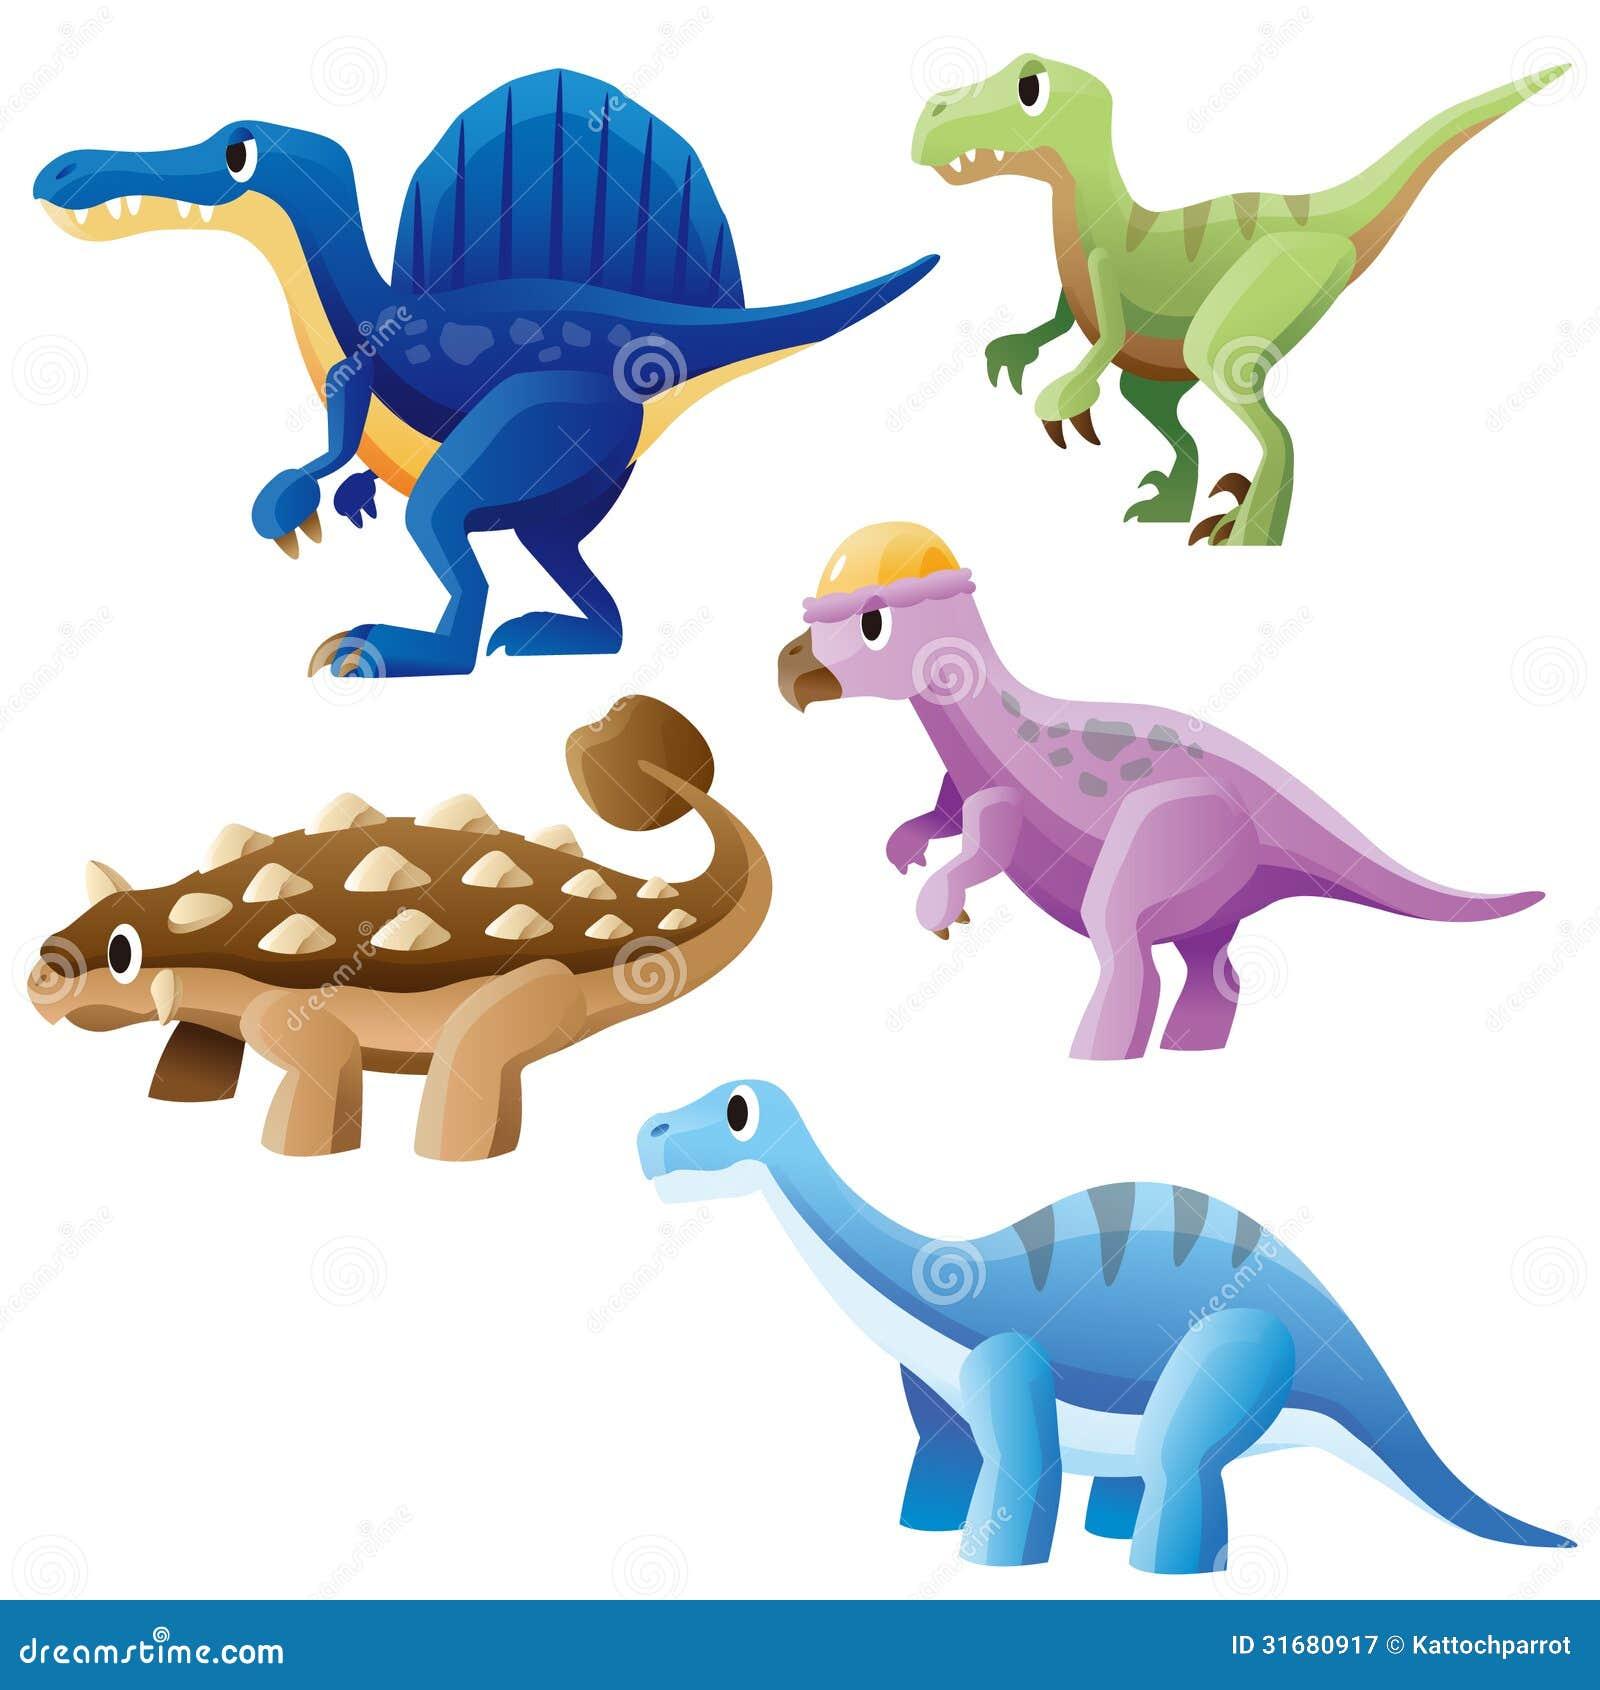 dinosaur train ankylosaurus - photo #41